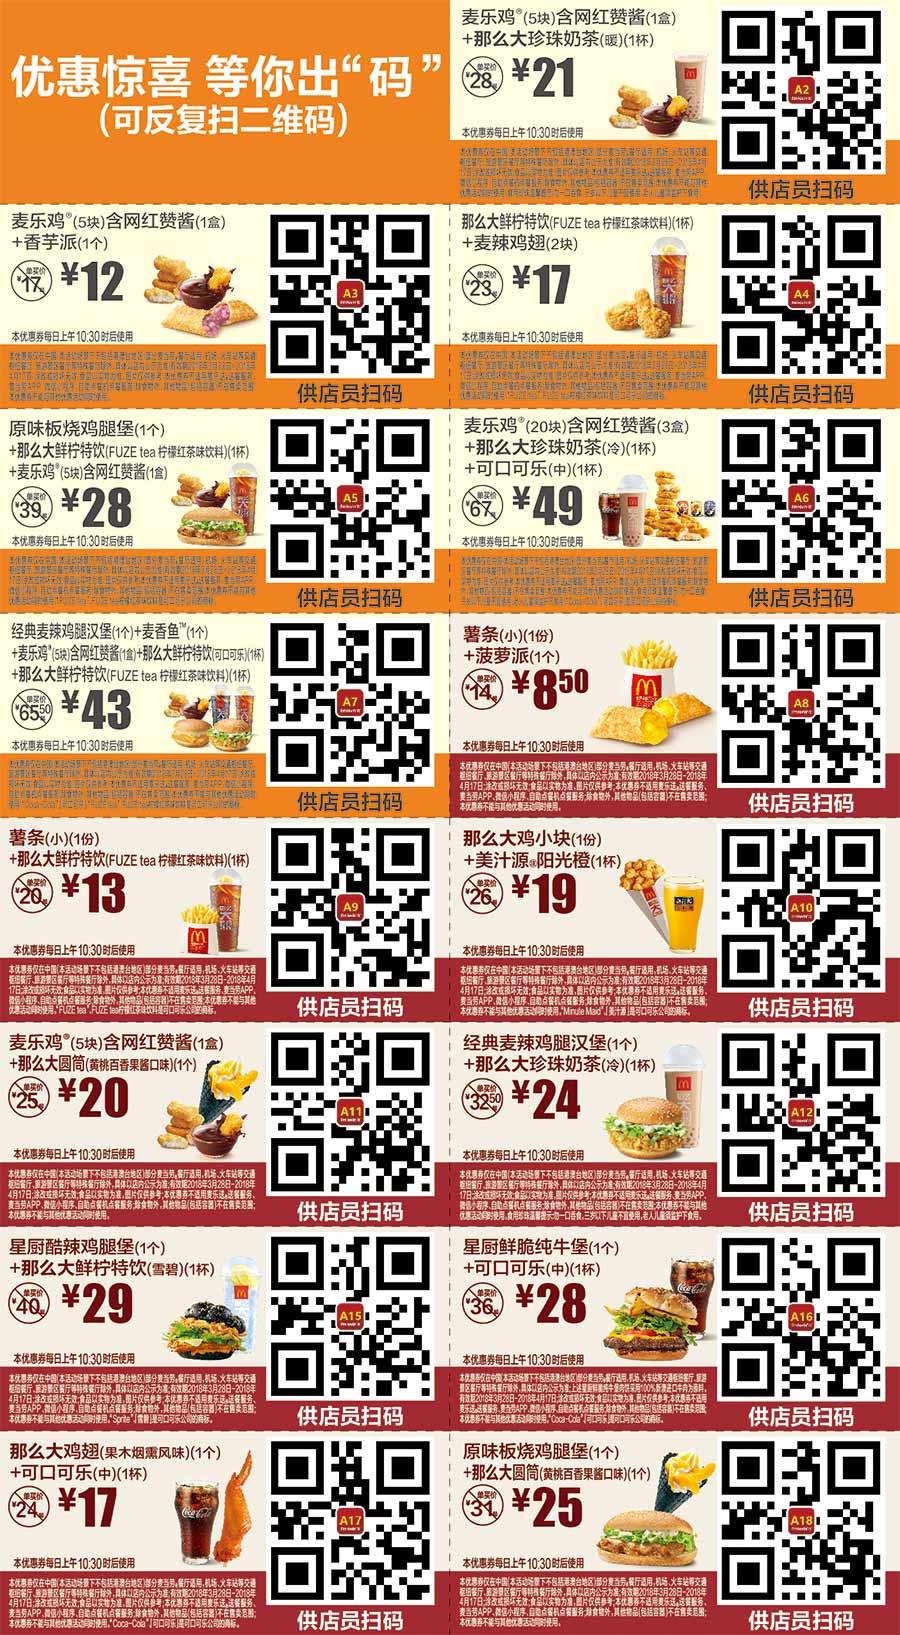 麦当劳优惠券2018年4月份手机版整张版本,点餐出示给店员扫码享优惠价 有效期至:2018年4月17日 www.5ikfc.com